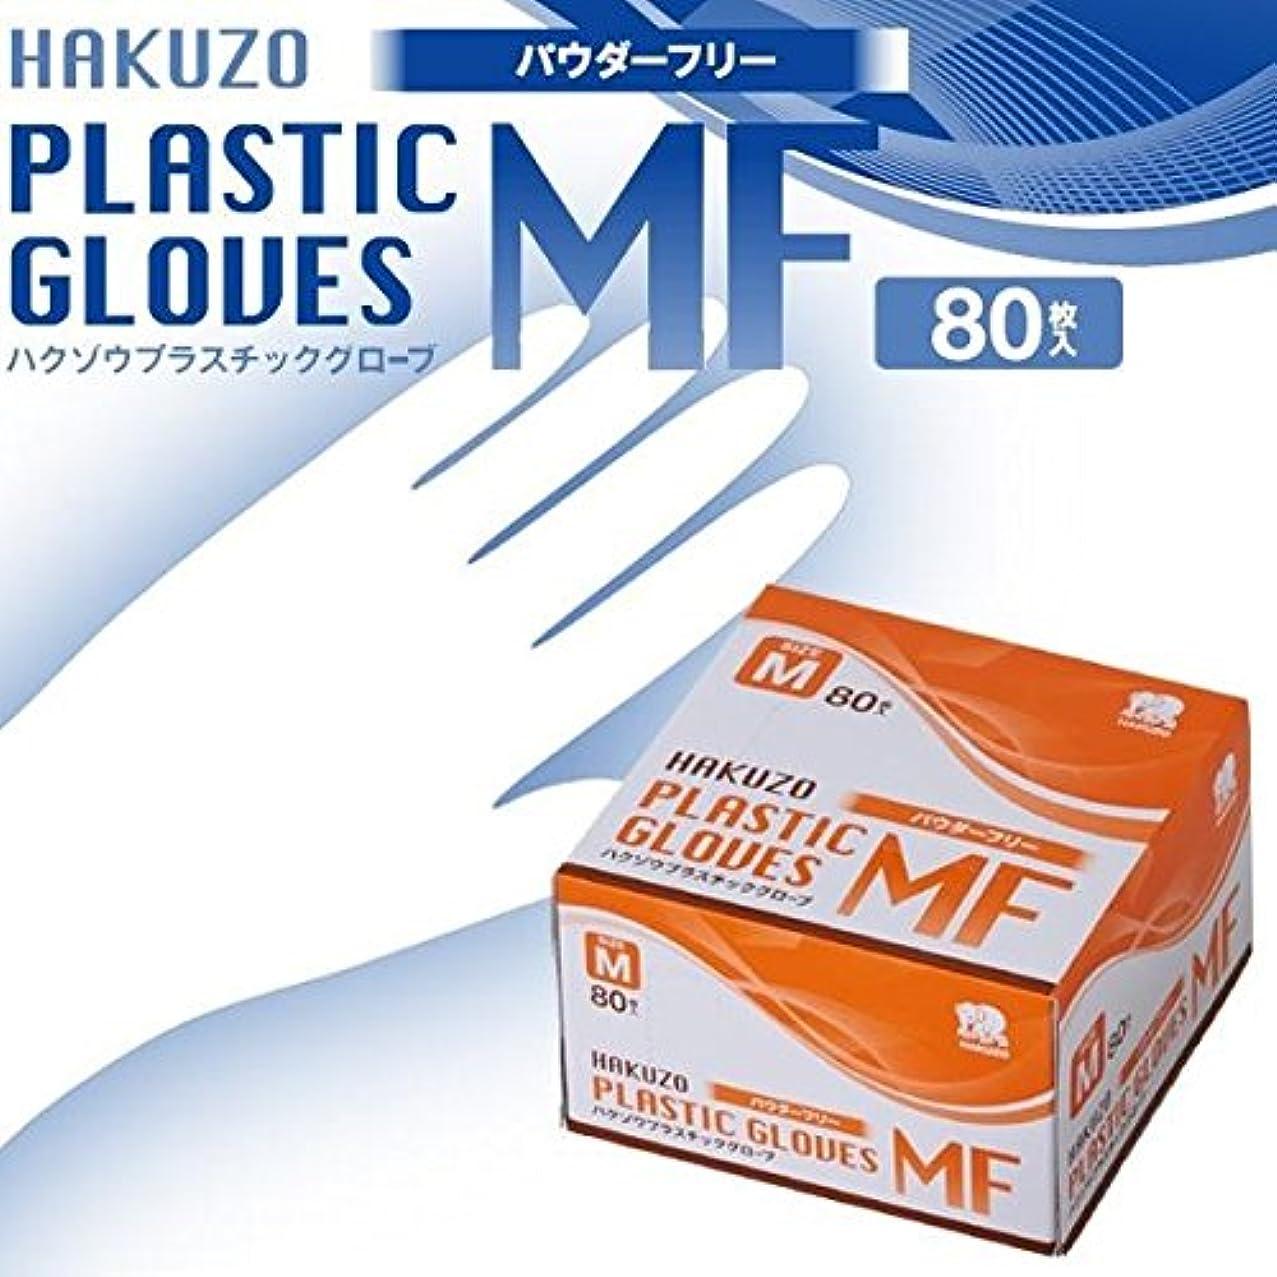 聞きます祖母レンチハクゾウ プラスチックグローブMF パウダーフリー M 80枚入×6箱セット